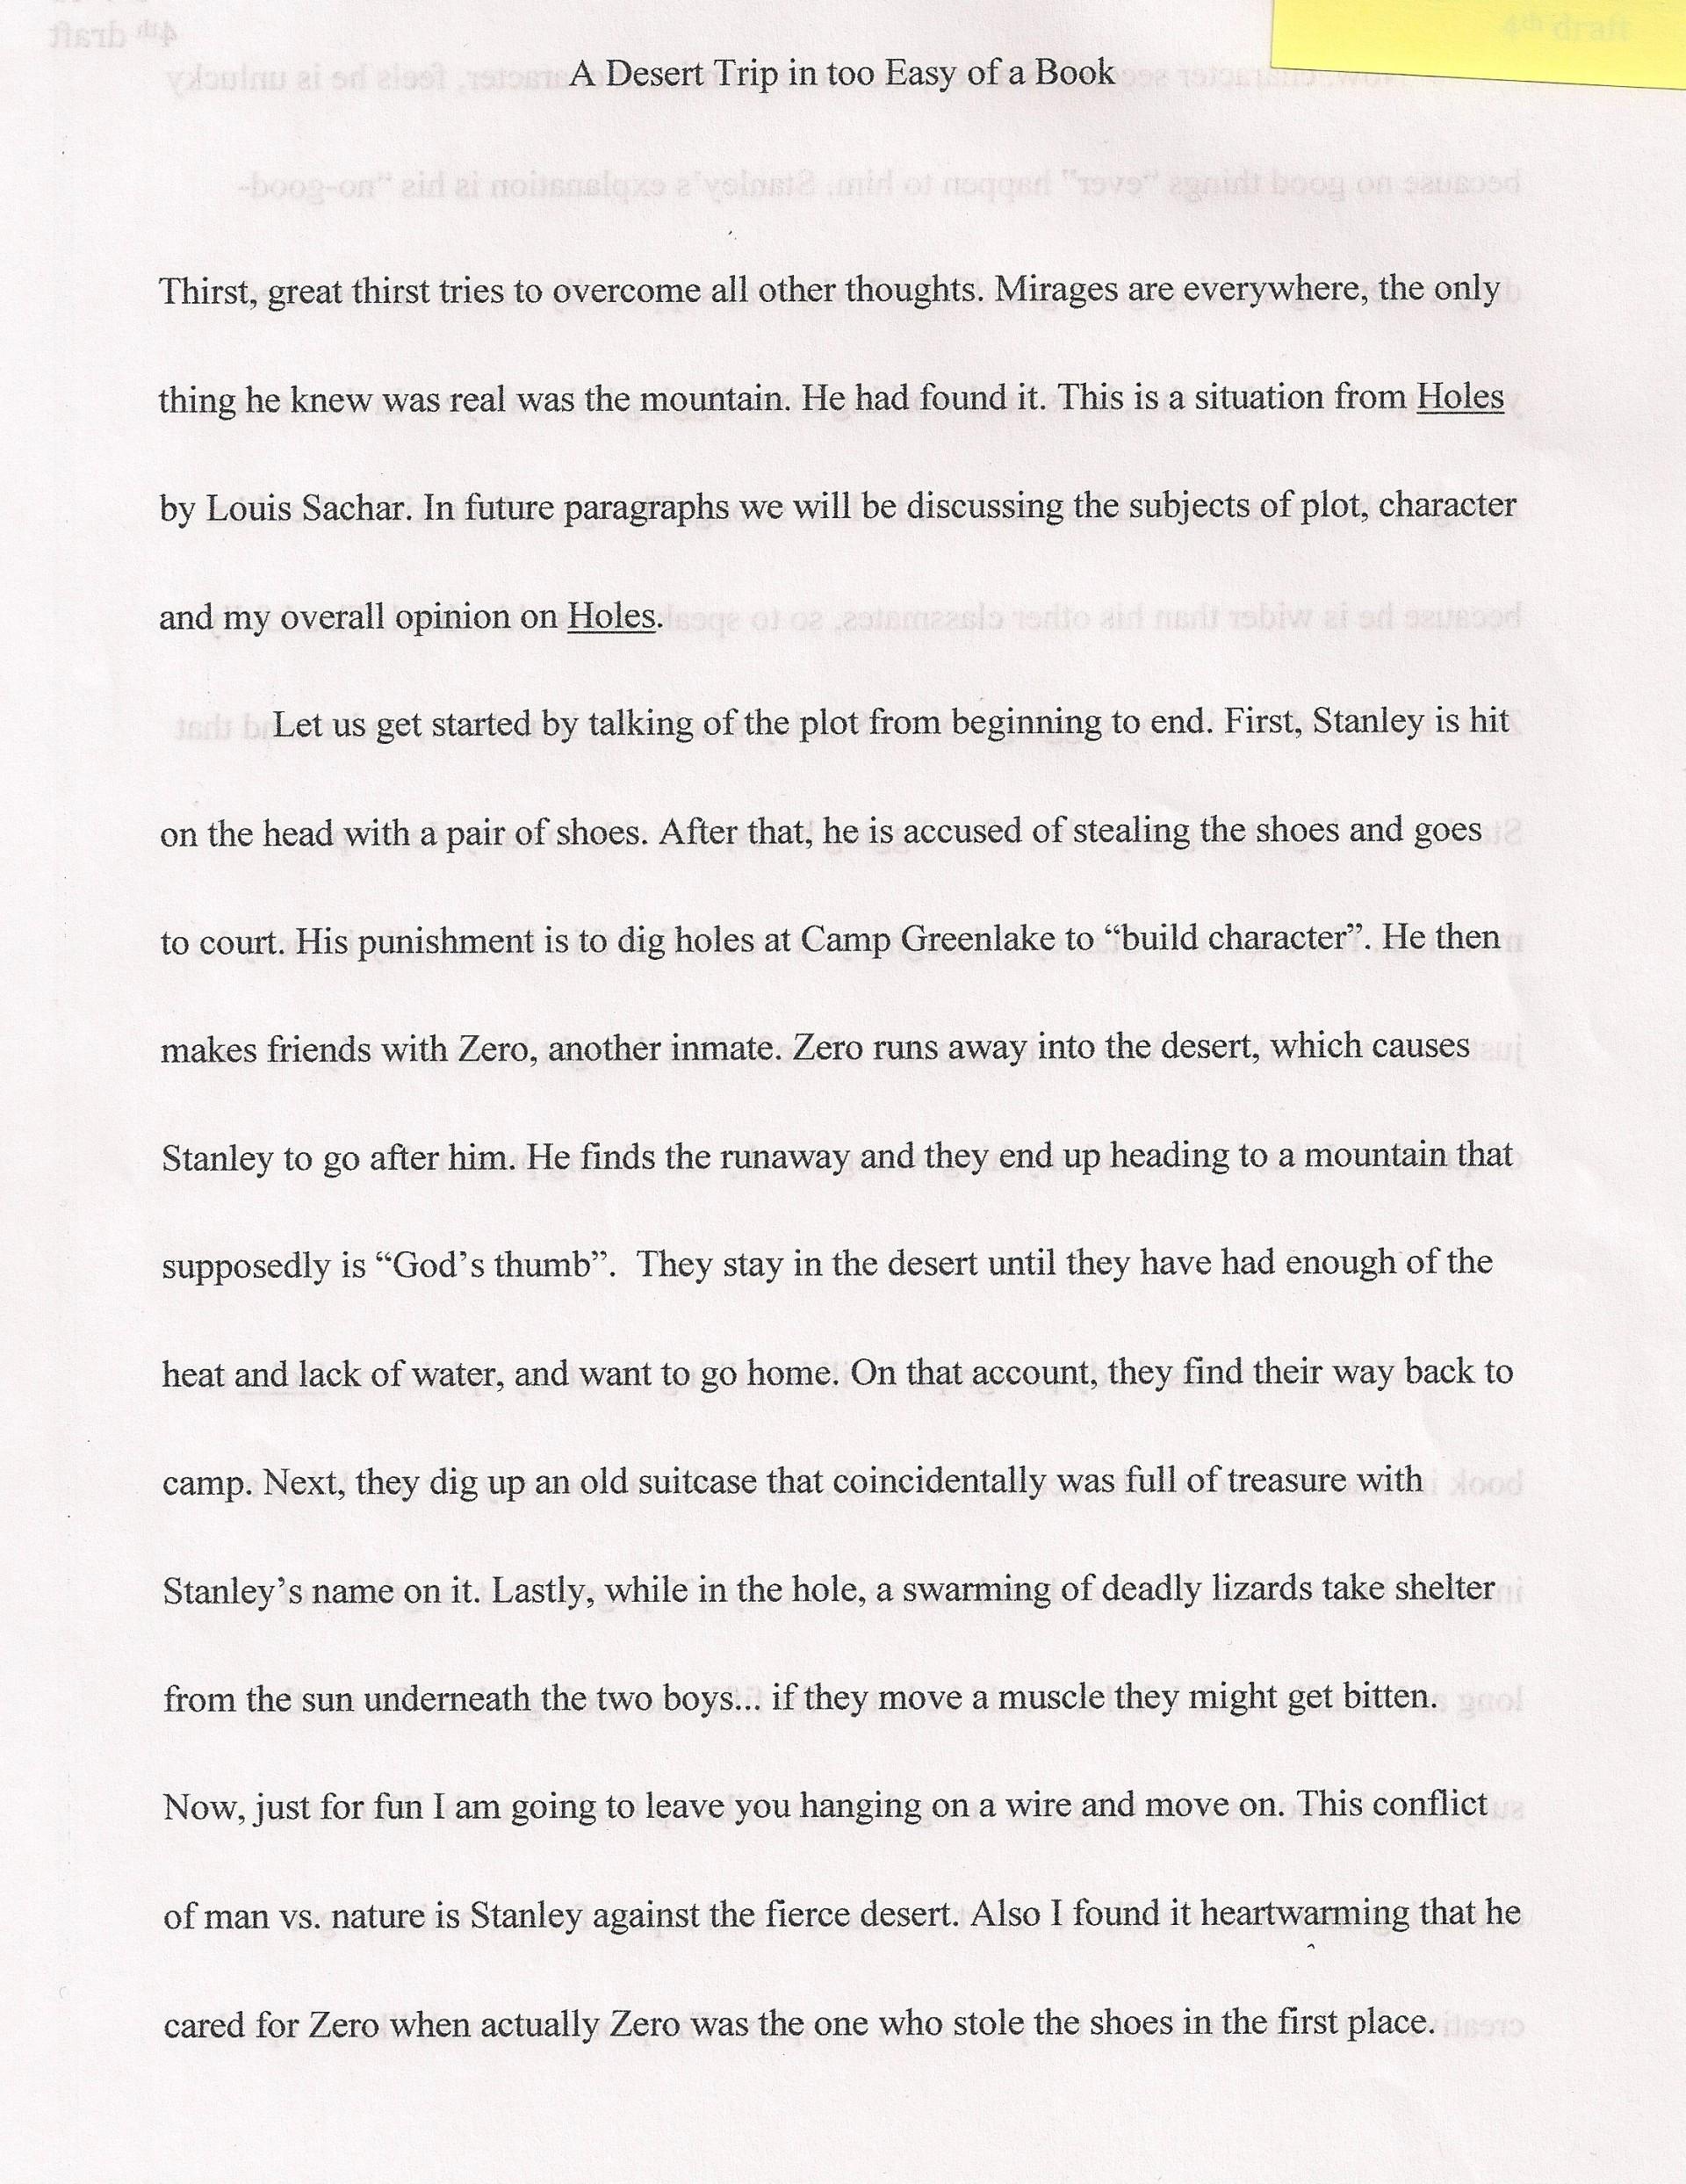 014 6th Grade Argumentative Essay Topics Example Desert Unique Sixth 6 Writing Prompts 1920